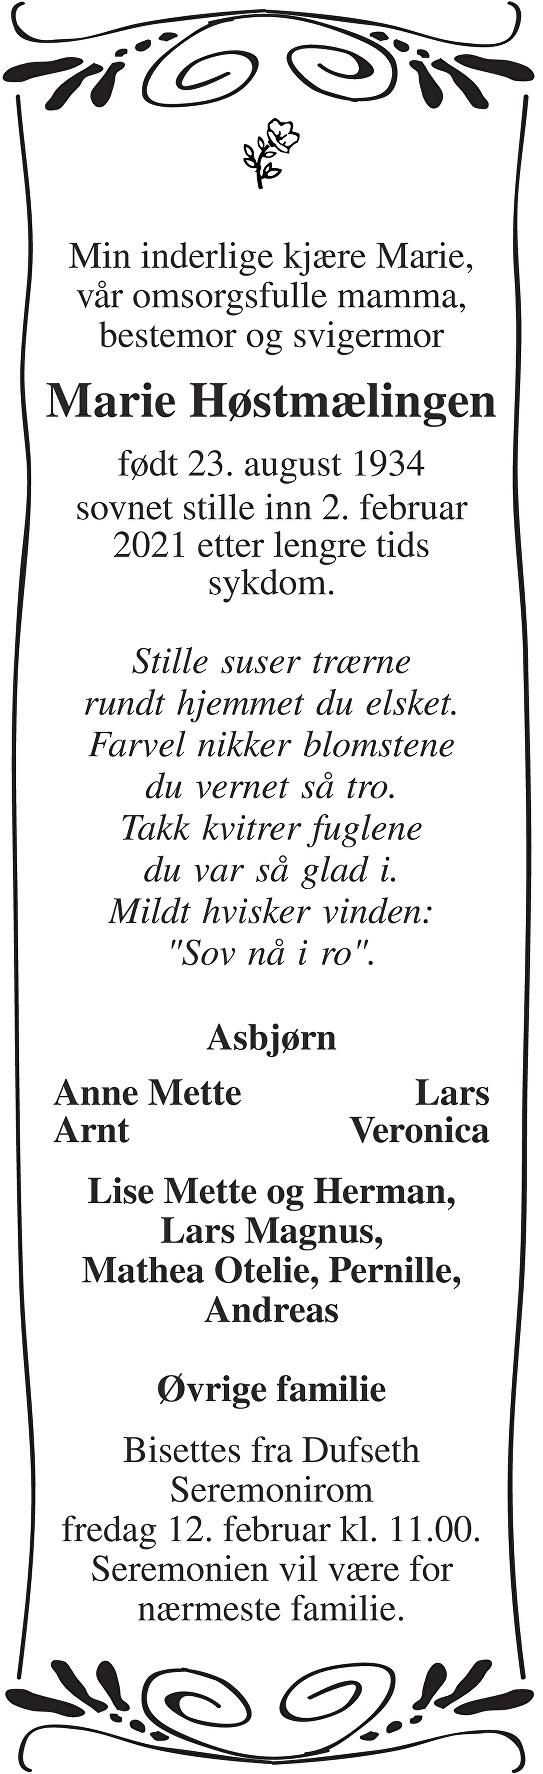 Marie Høstmælingen Dødsannonse